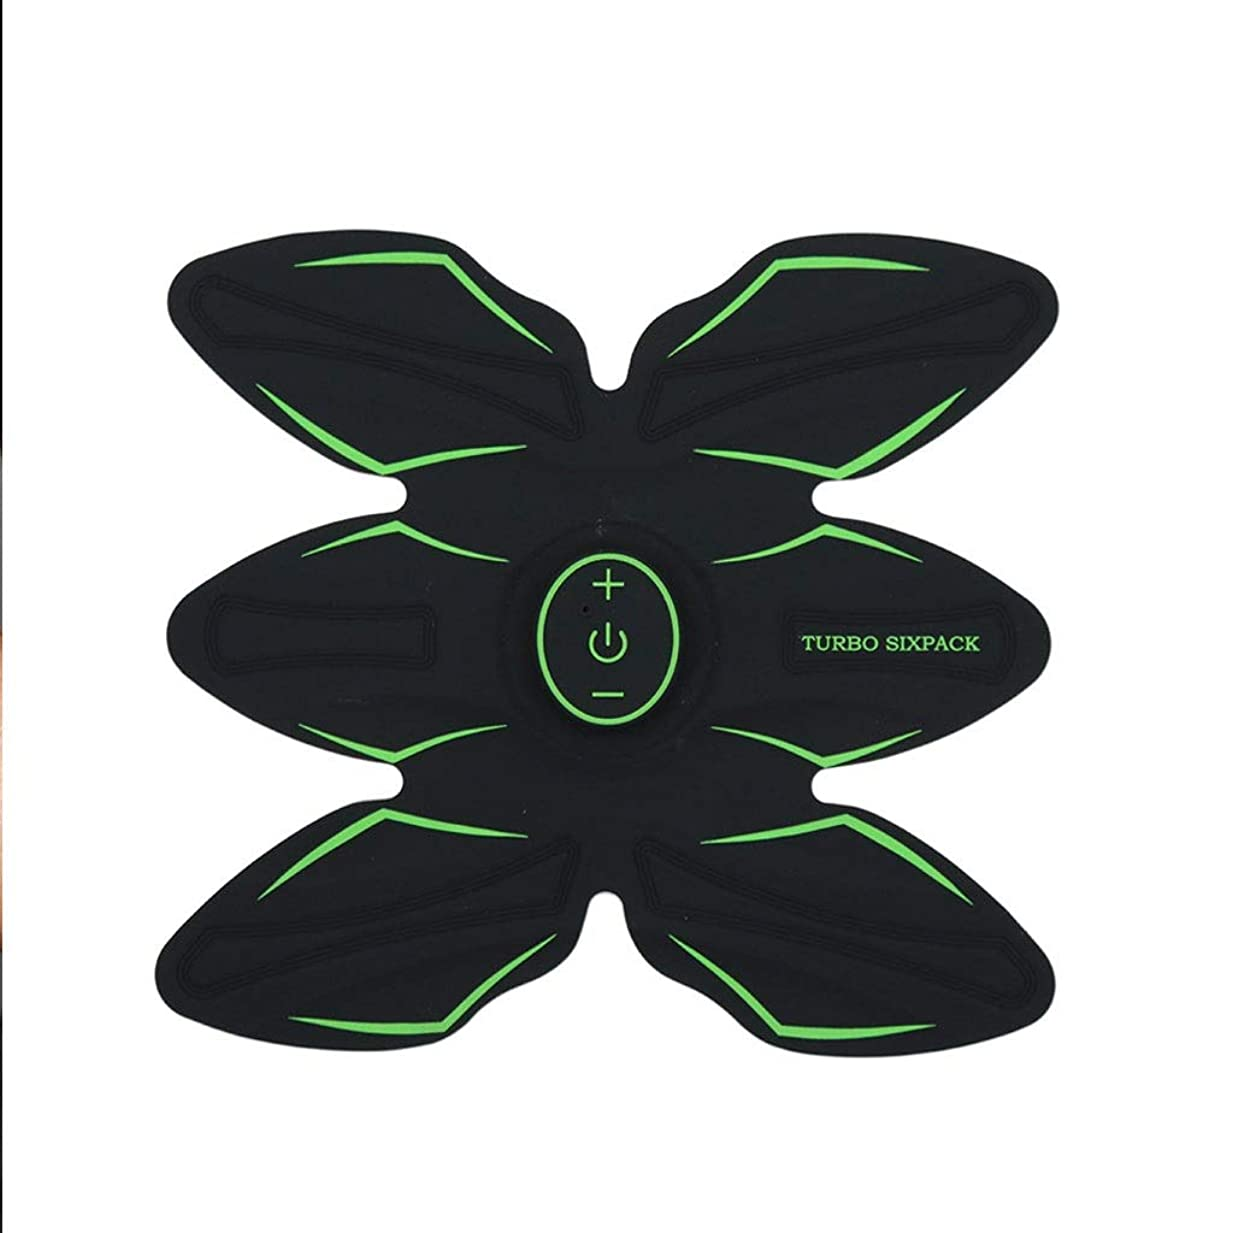 睡眠雨オプショナルABSトレーナーEMS腹部電気筋肉刺激装置筋肉トナー調色ベルトフィットネスギアABSエクササイズマシンウエストトレーナーホームワークアウトフィットネス機器